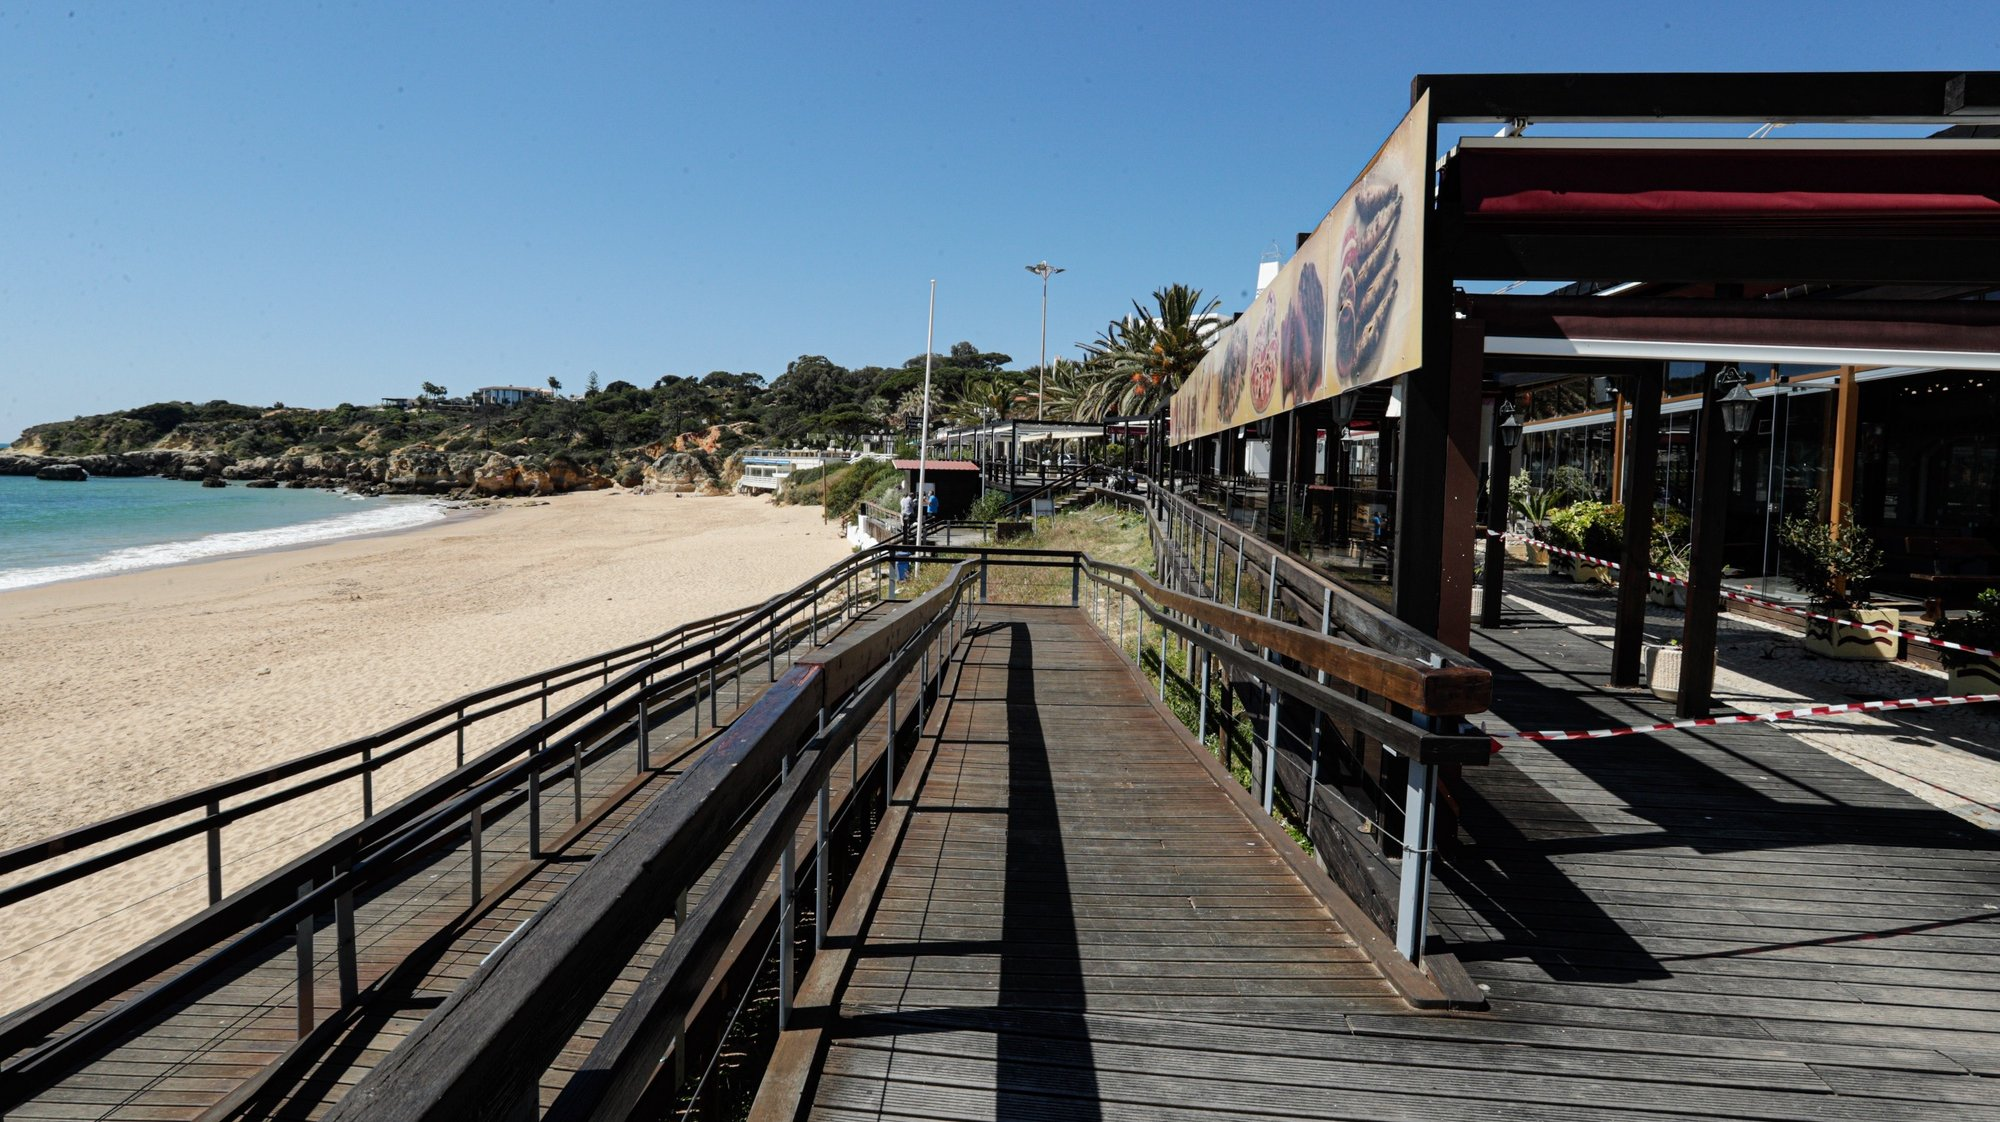 A Praia da Oura, uma das praias  mais procuradas pelos turistas em Albufeira, encontra-se com os restaurantes fechados e sem pessoas, Albufeira, 29 de março de 2021. Devido à pandemia de covid-19 os empresários do Algarve desesperam por turistas e temem falências no setor.   (ACOMPANHA TEXTO DE 30/03/2021) LUÍS FORRA/LUSA